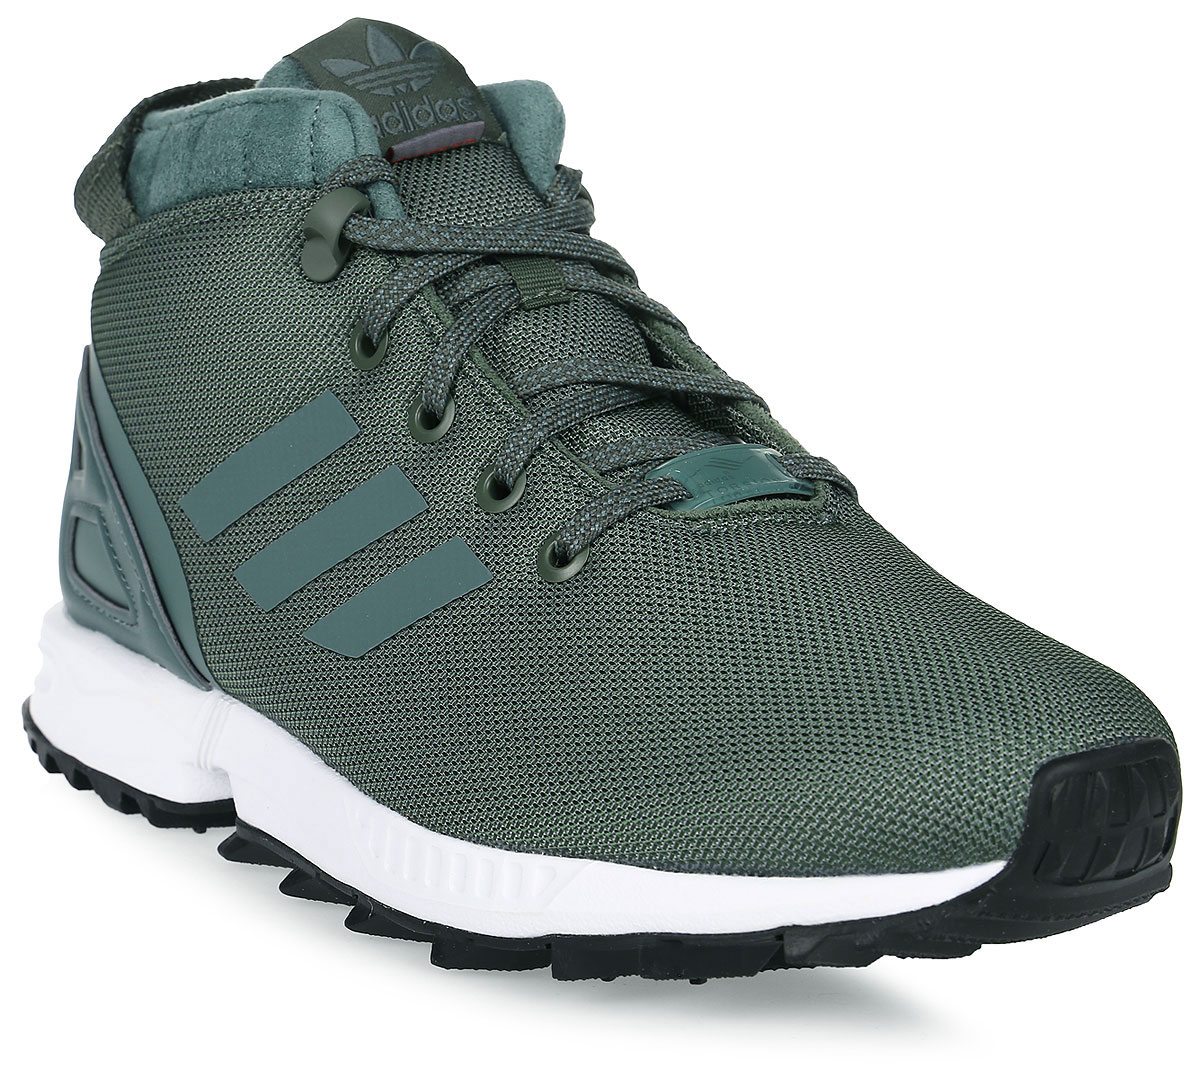 Кроссовки для мальчика adidas ZX Flux 5/8 Tr J, цвет: хаки. BY9061. Размер 36,5BY9061Кроссовки от Adidas придутся по душе вашему ребенку. Верх обуви, изготовленный из текстиля, оформлен литыми полосками из термополиуретана и фирменной нашивкой на язычке. Классическая шнуровка надежно зафиксирует изделие на ноге. Неопреновая вставка на пятке обеспечивает дополнительную поддержку стопы. Модель с меховой подкладкой дополнена цепкой трейловой подошвой для устойчивости на скользких поверхностях. Утеплитель PrimaLoft® продолжает греть даже во влажном состоянии; комфортная и функциональная стелька с антимикробным покрытием. Стильные кроссовки займут достойное место в гардеробе вашего ребенка.